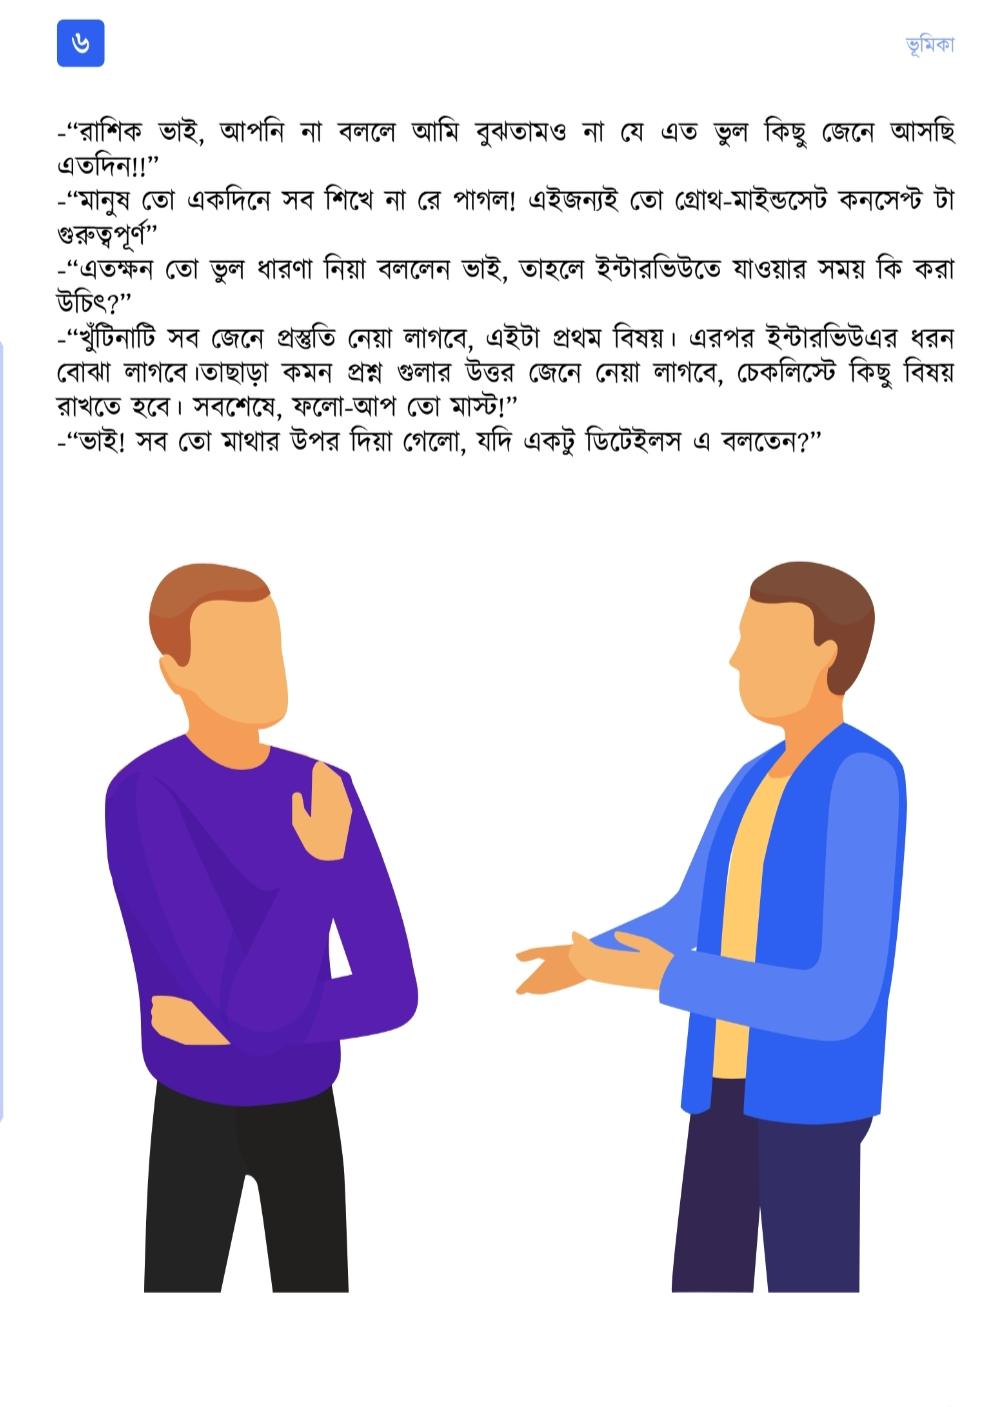 স্মার্ট ক্যারিয়ার - মোঃ সোহান হায়দার PDF Book.